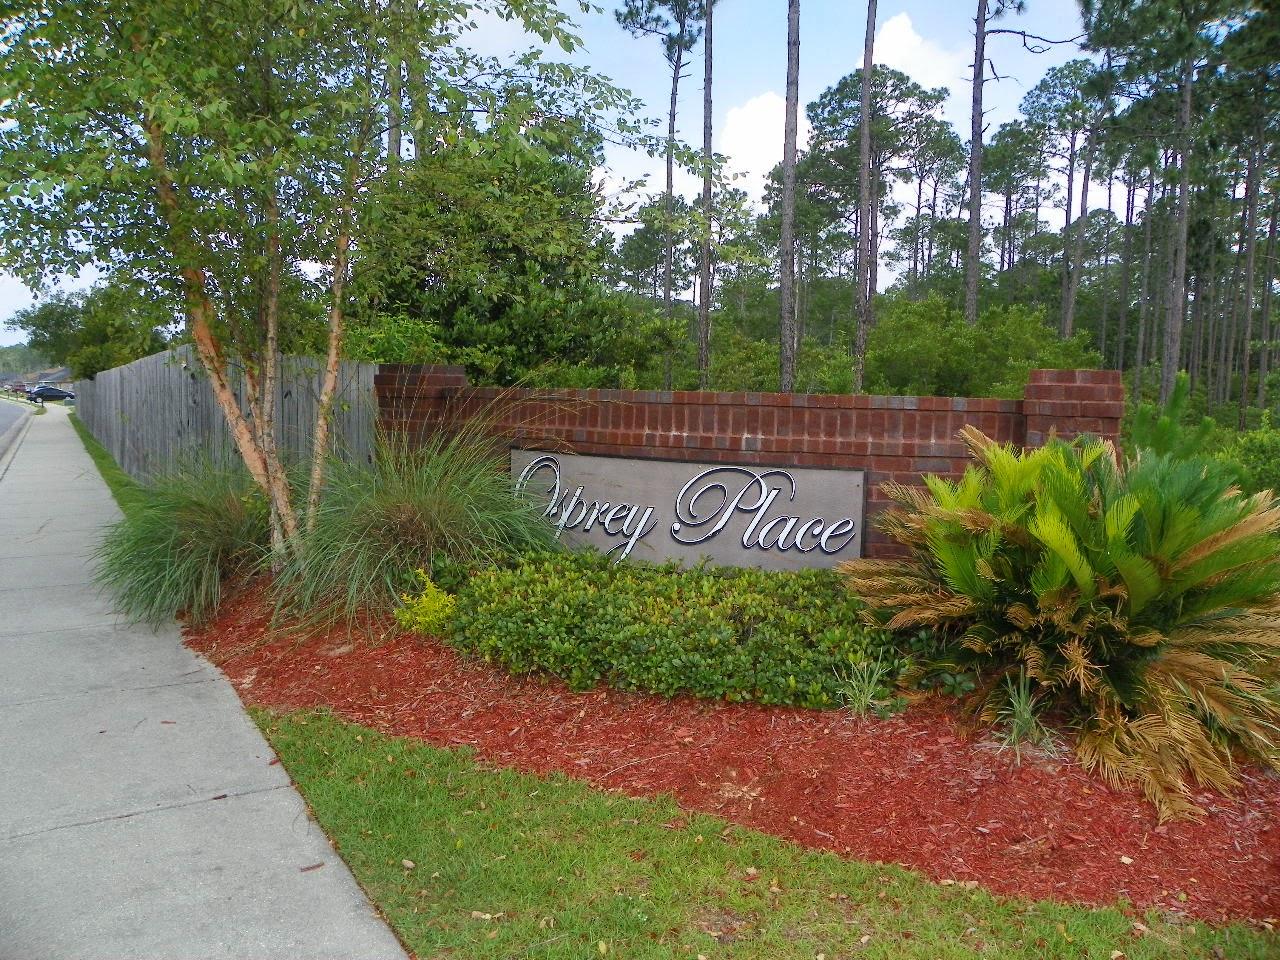 Osprey Place Community, Pensacola, FL 32506